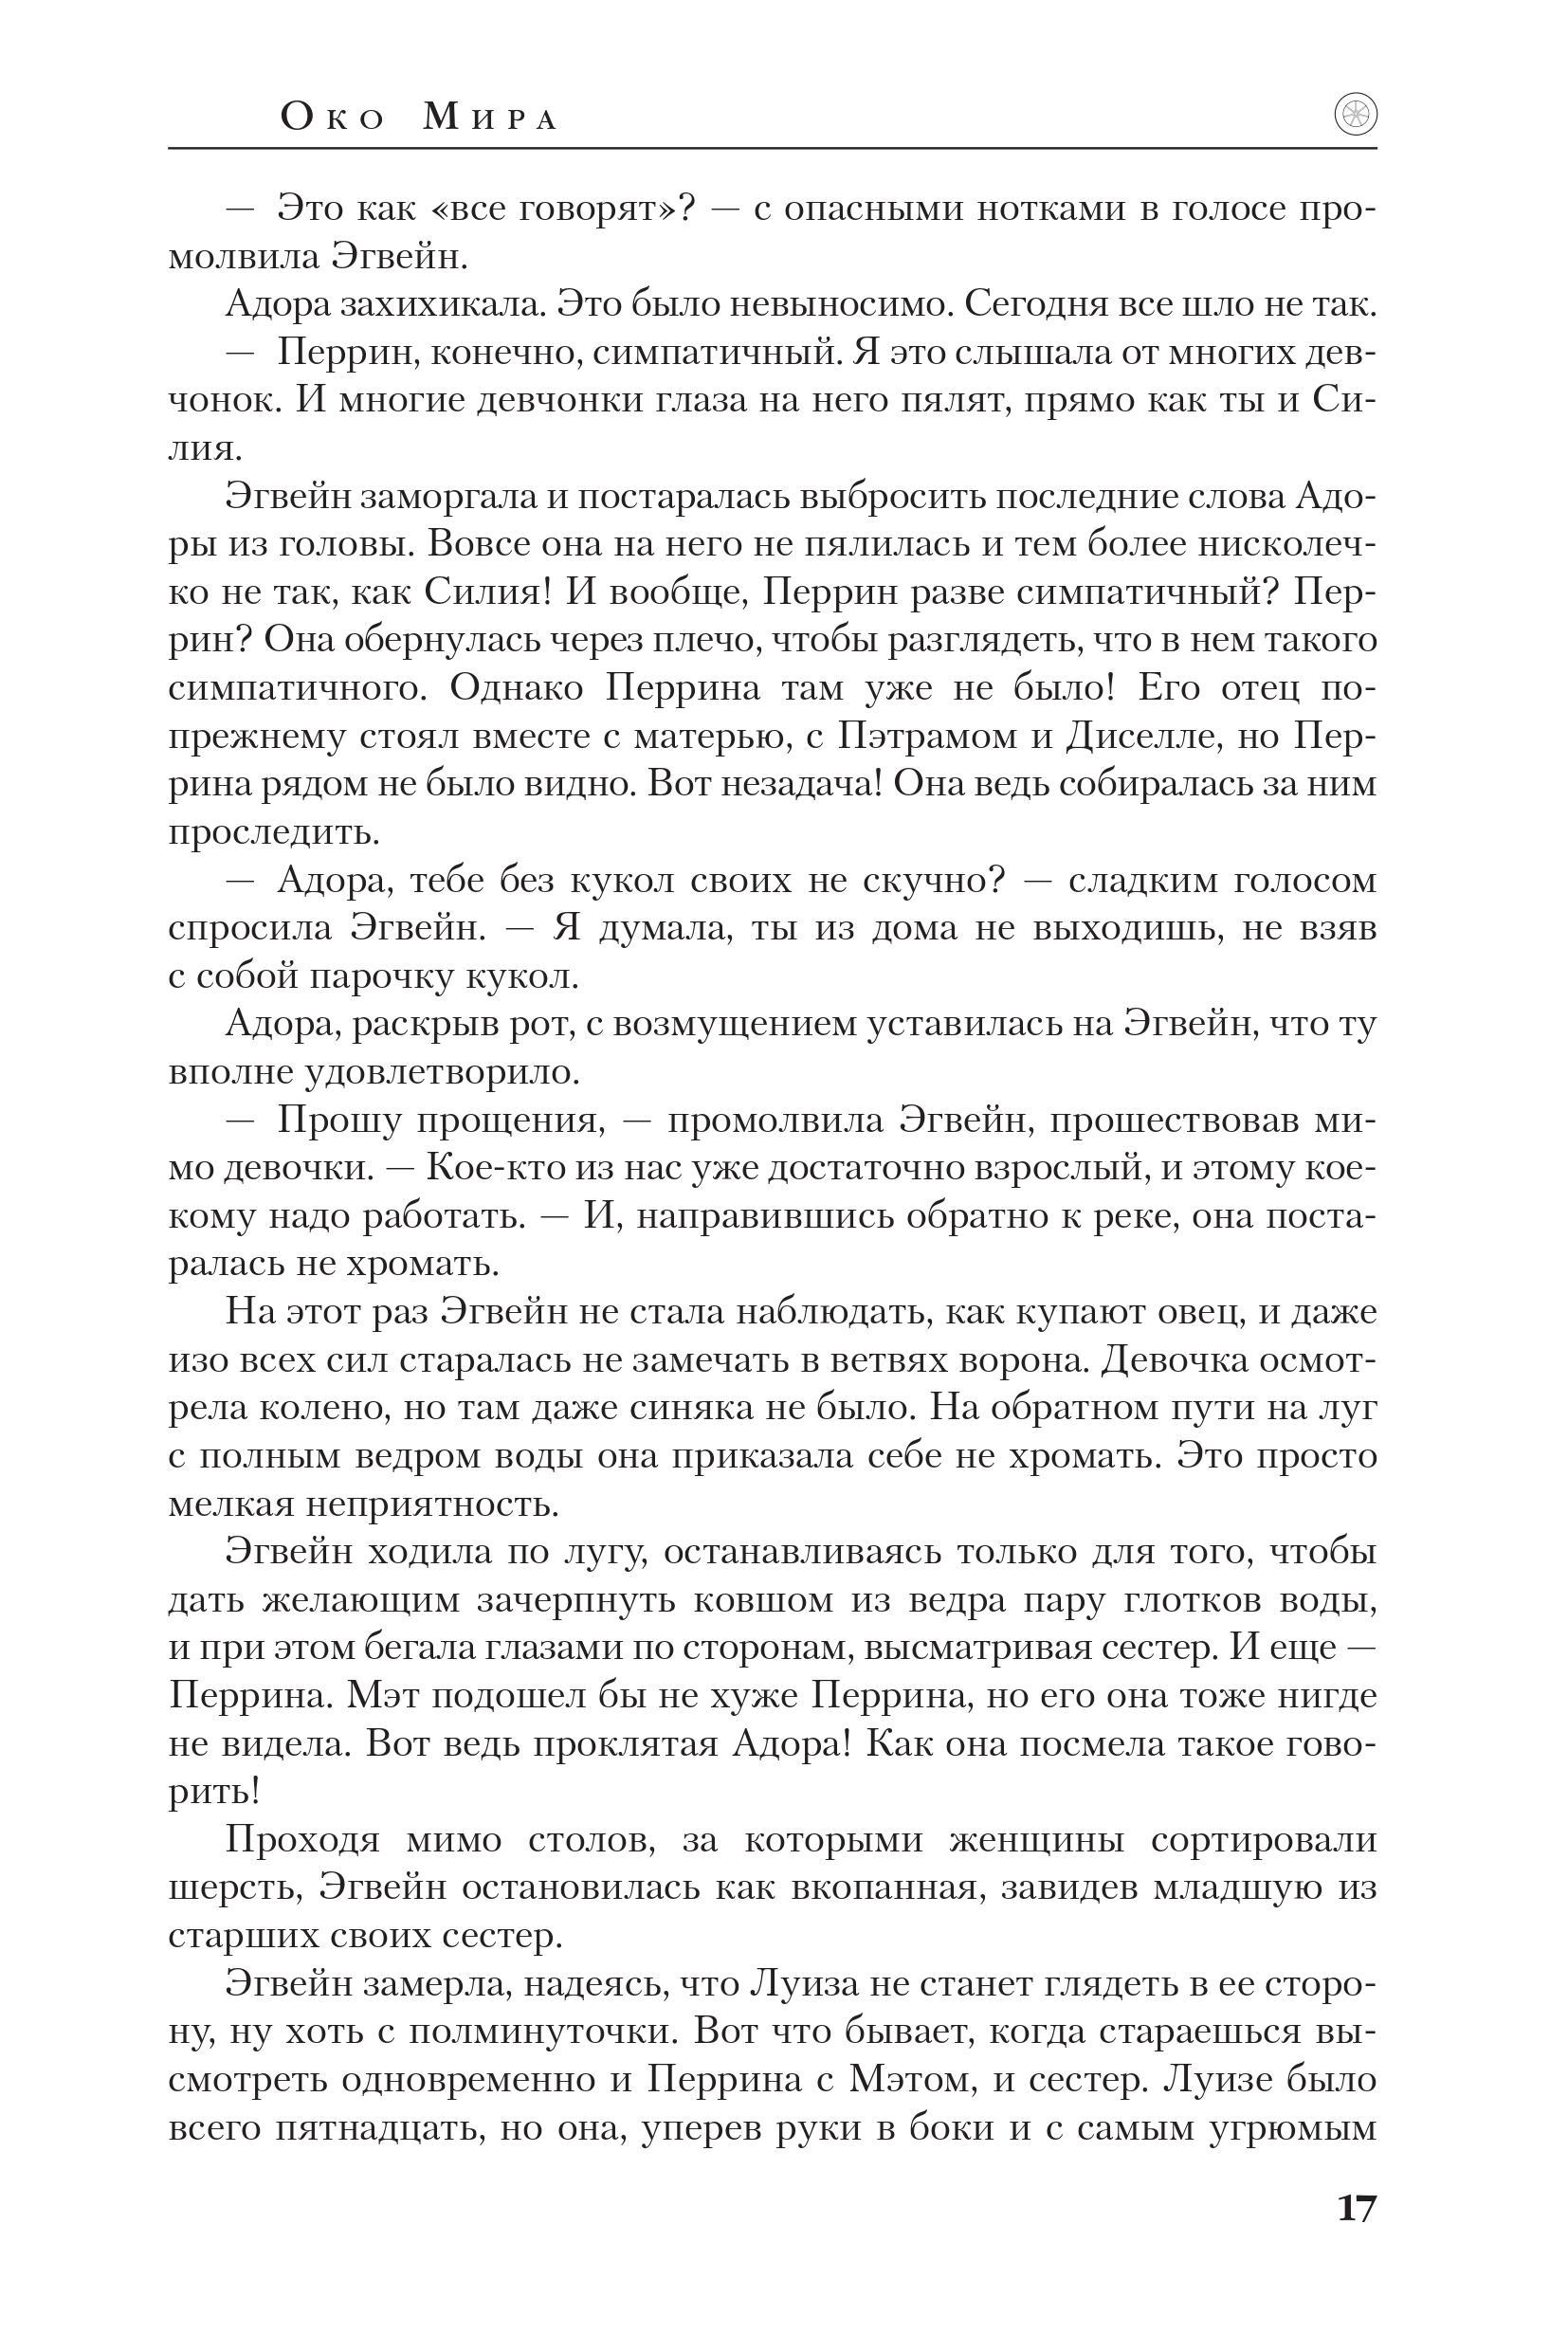 «Вороны»: отрывок изпереиздания романа «Око мира», первой части «Колеса времени» 14